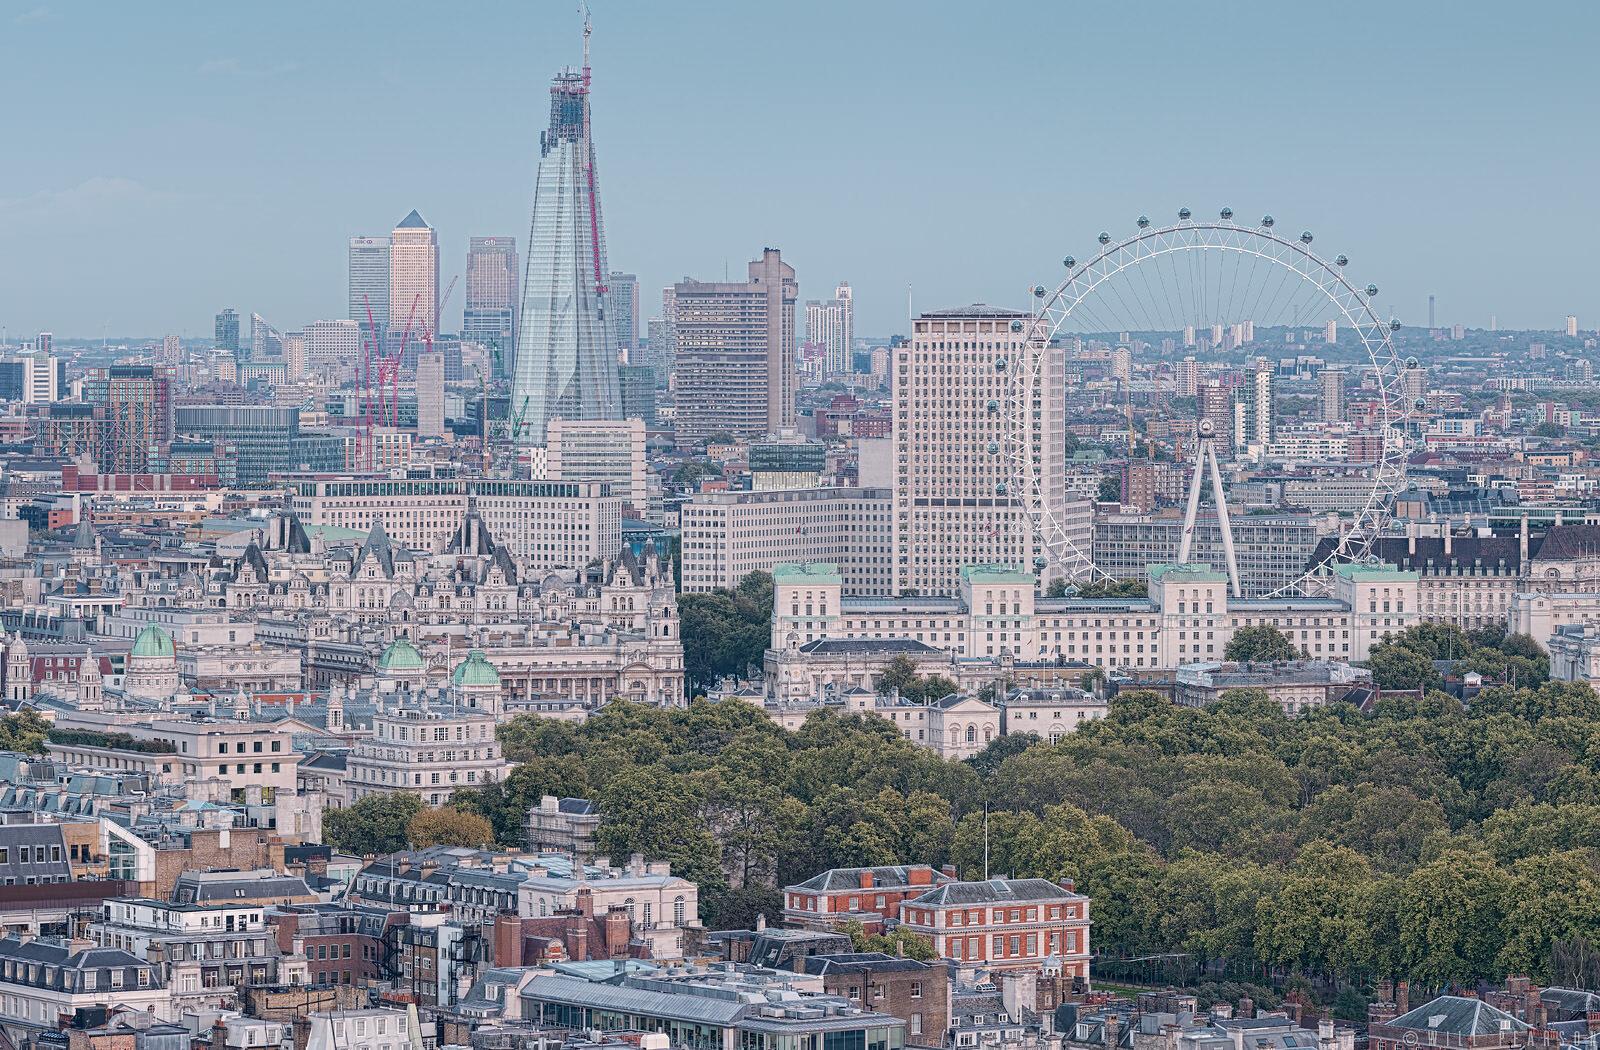 London in Detail